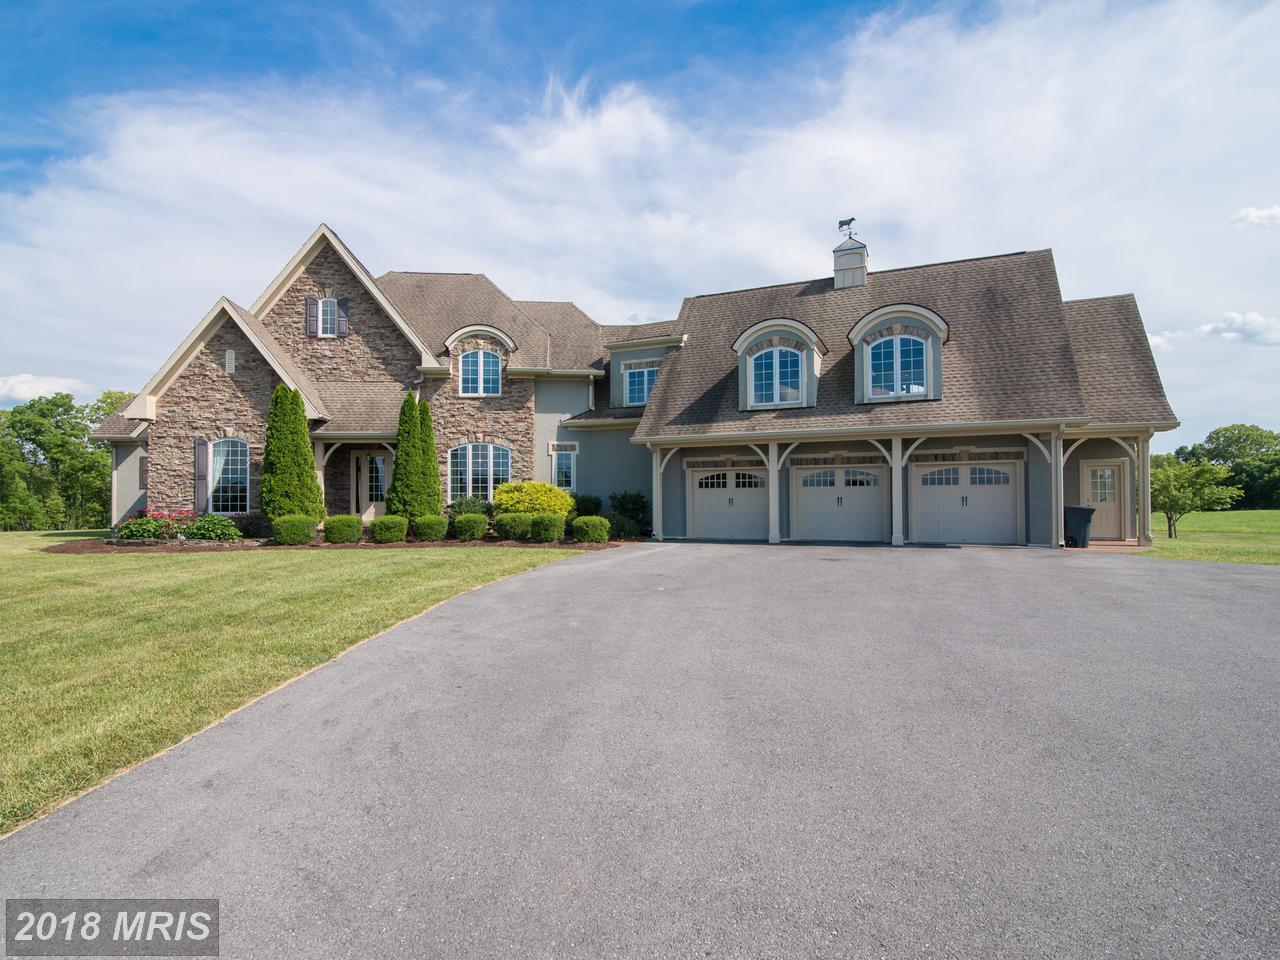 Luxury homes for sale in shepherdstown wv shepherdstown for Home builders in wv